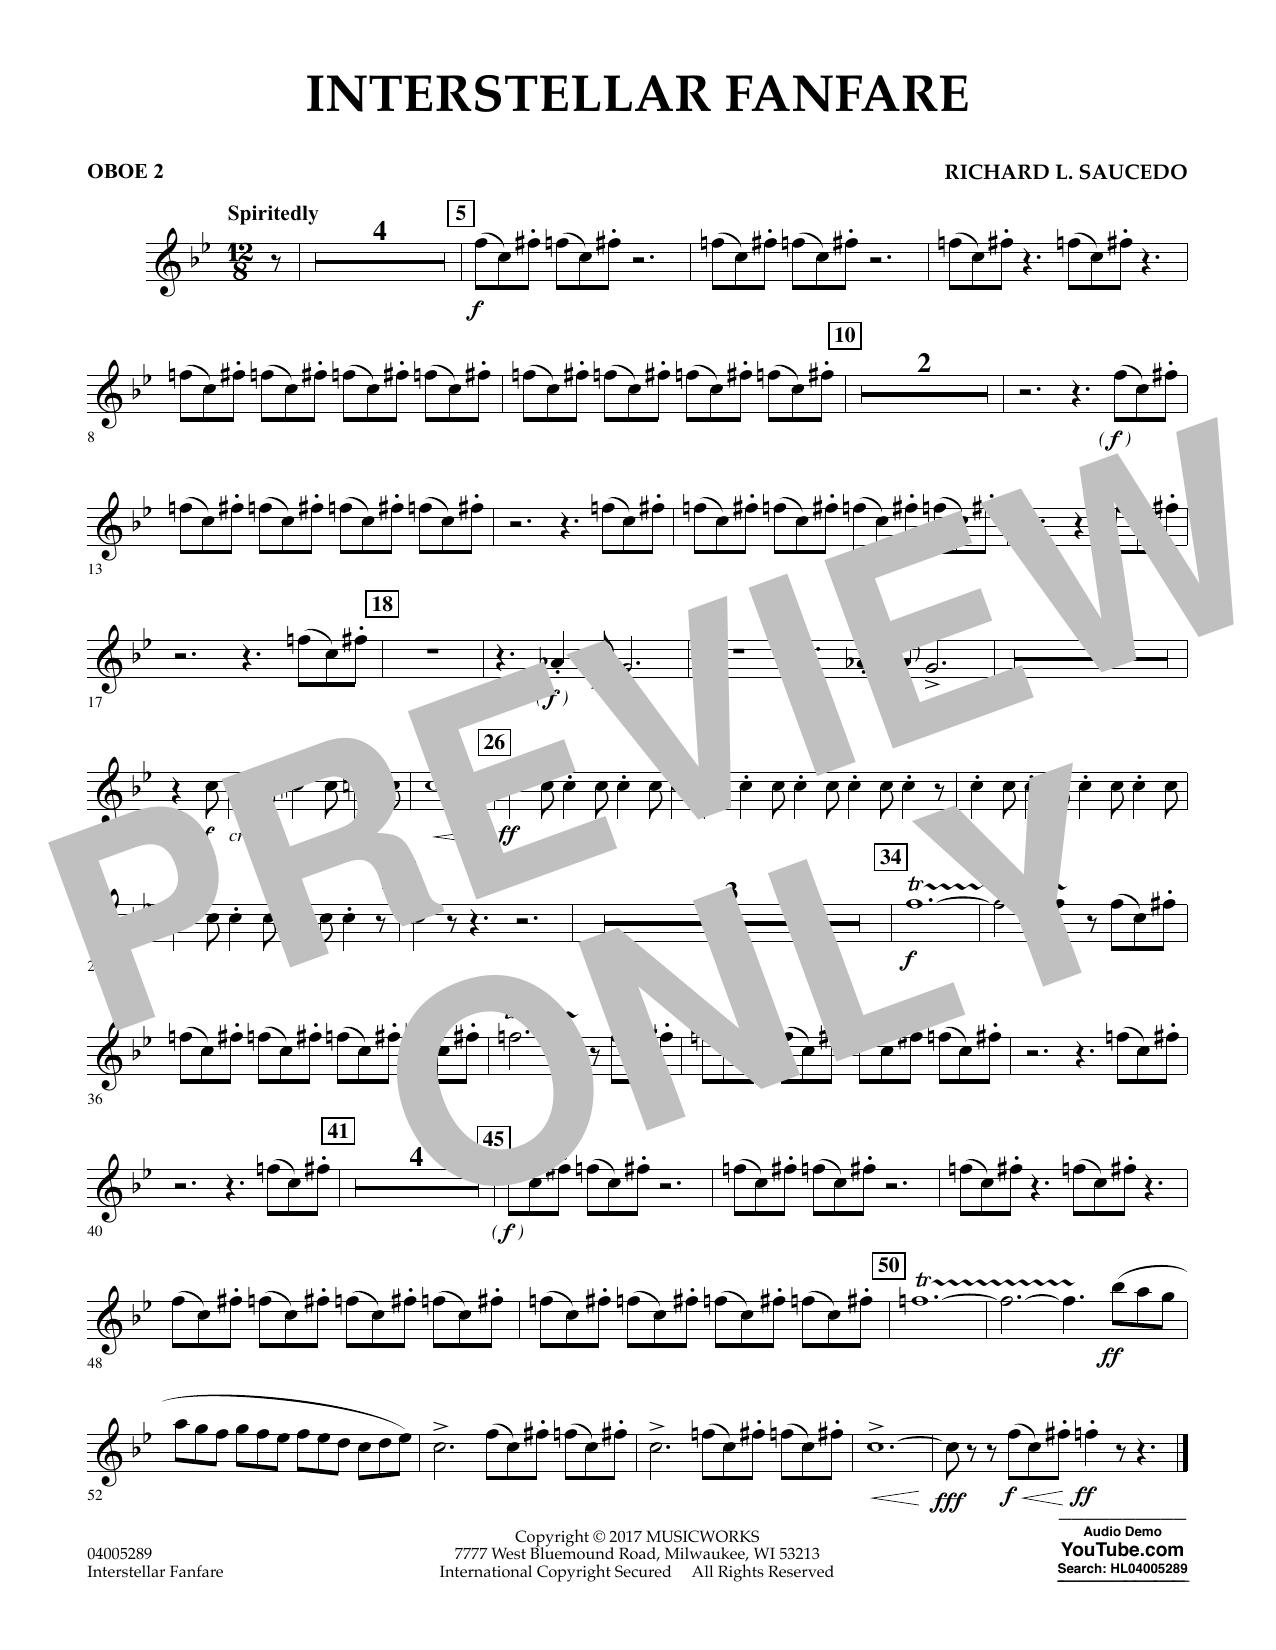 Richard L. Saucedo Interstellar Fanfare - Oboe 2 sheet music notes printable PDF score